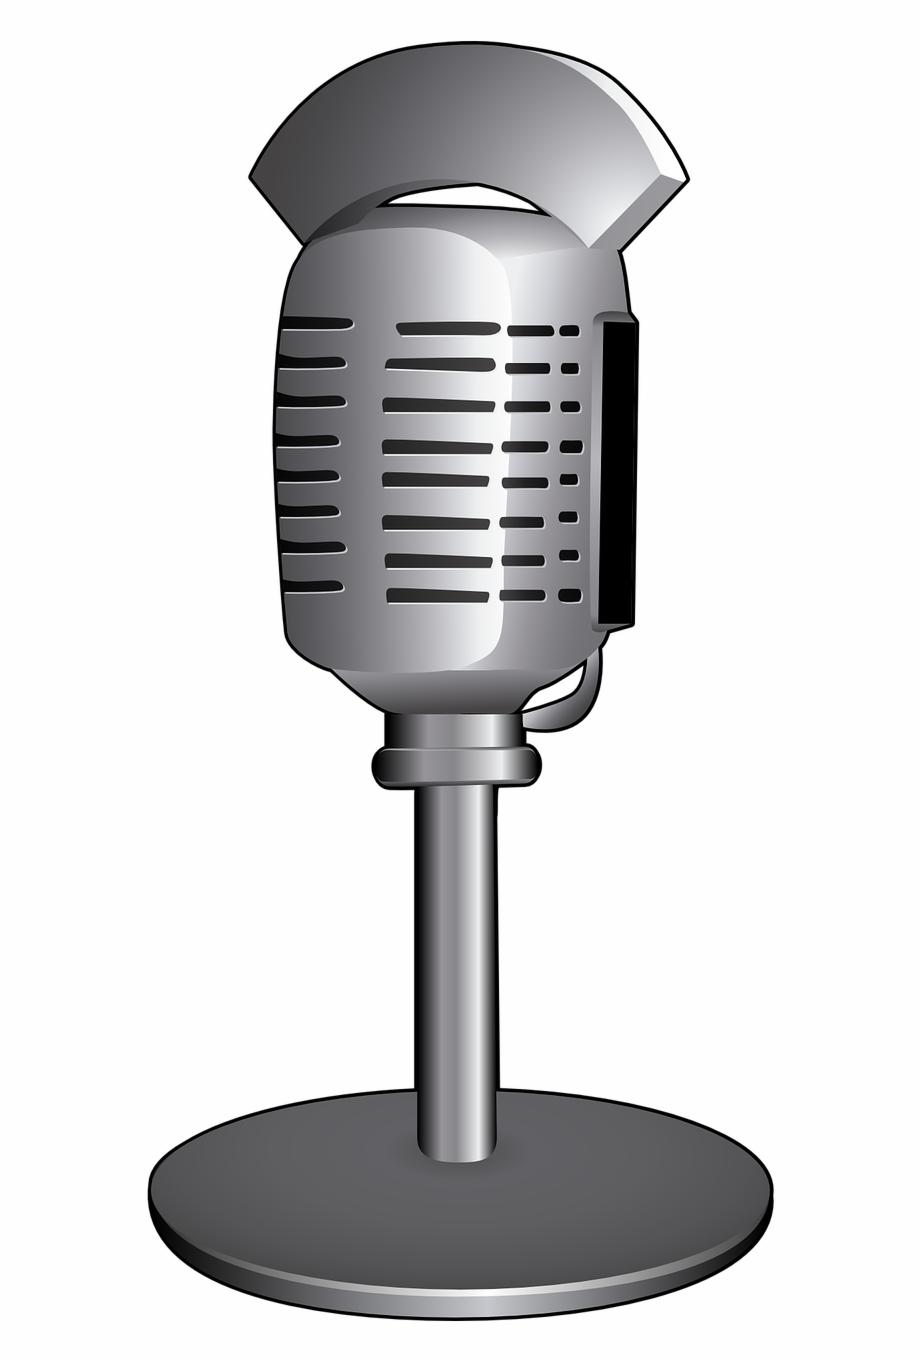 Microphone Vintage Radio Png Image.